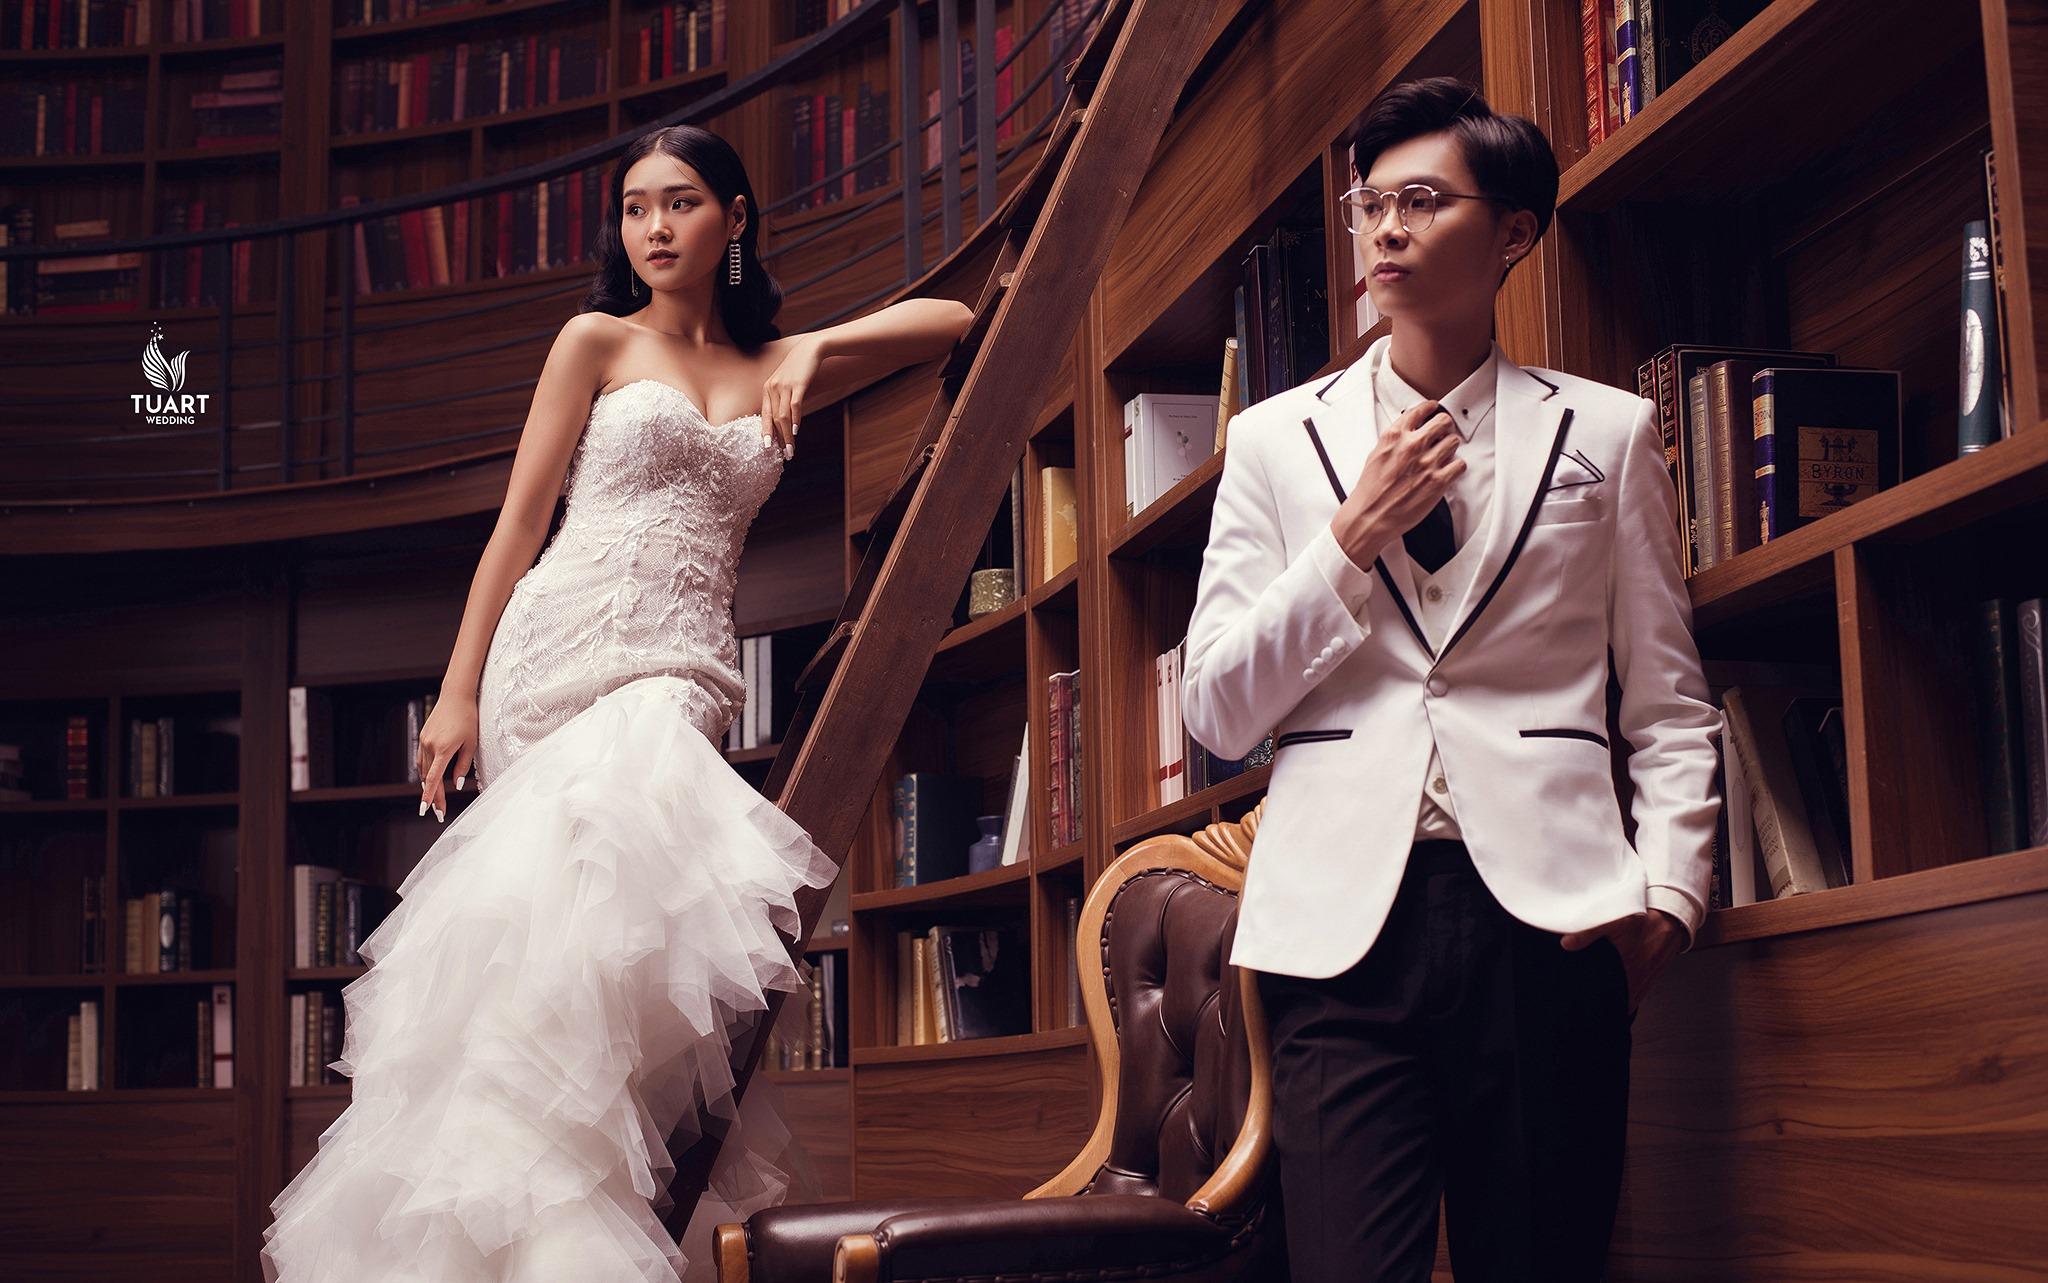 Album chụp ảnh cưới đẹp tại Hà Nội: 5 Graden Studio 5